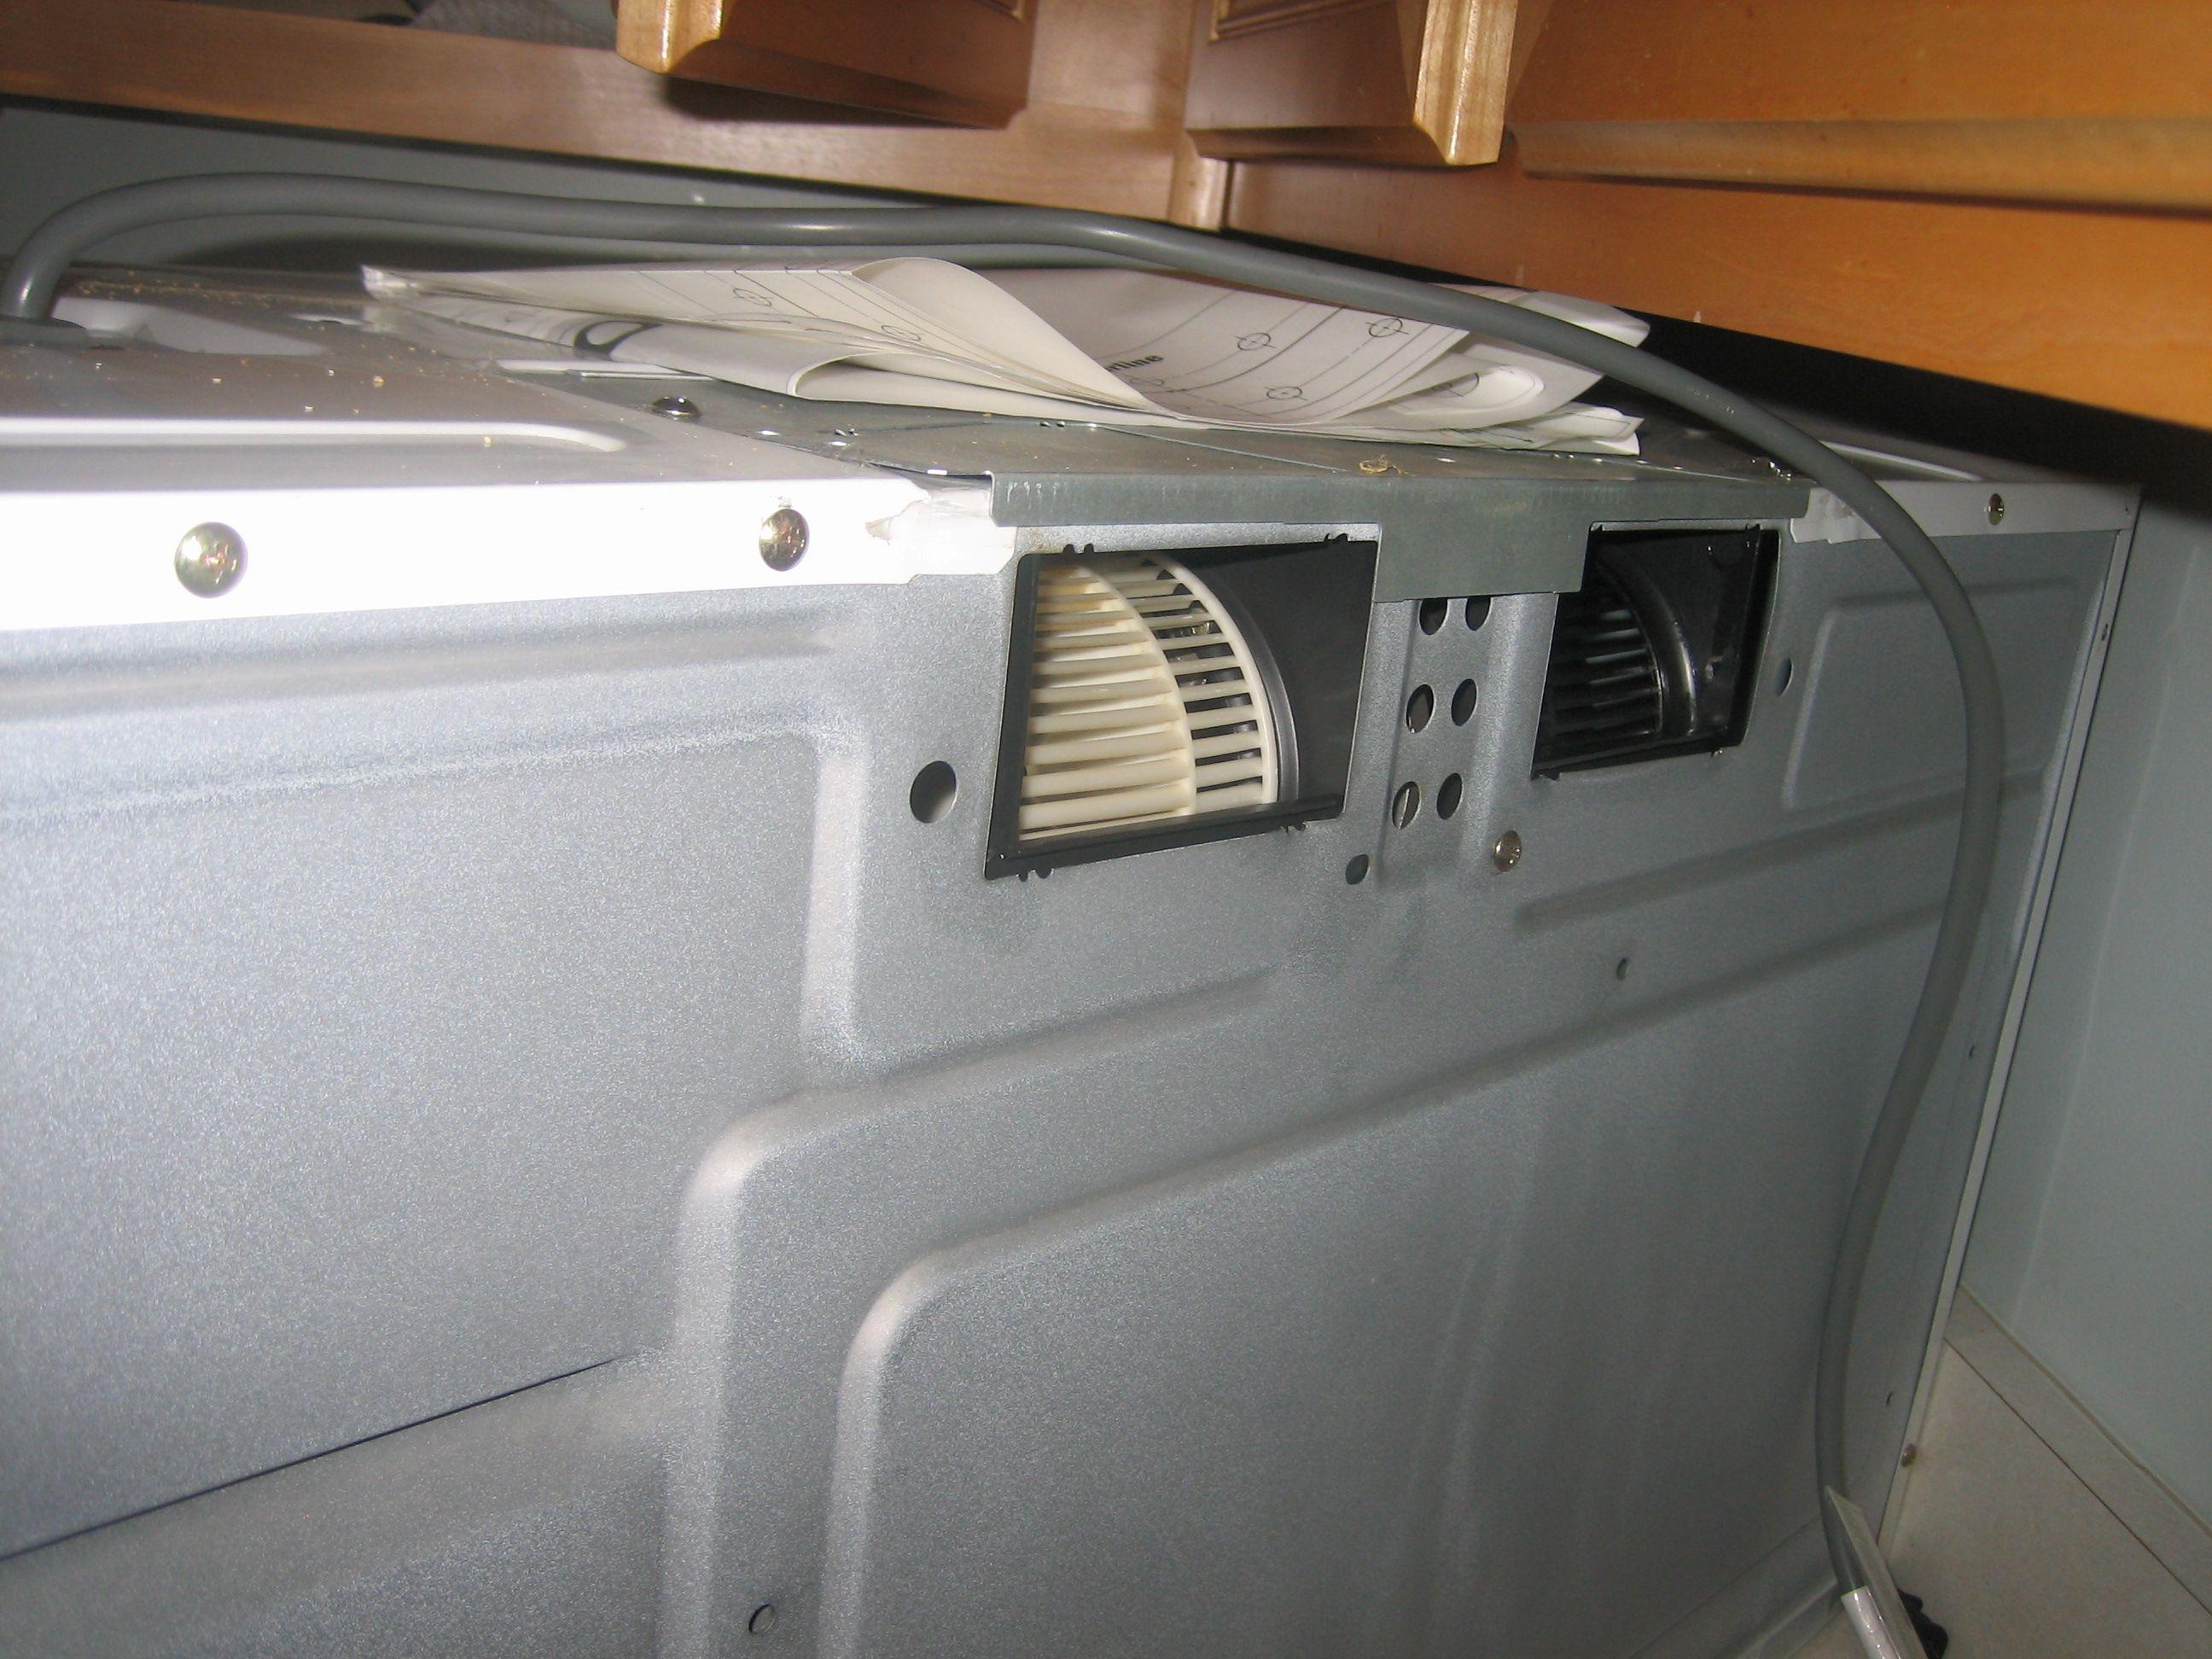 Microwave Exhaust Fan Noise